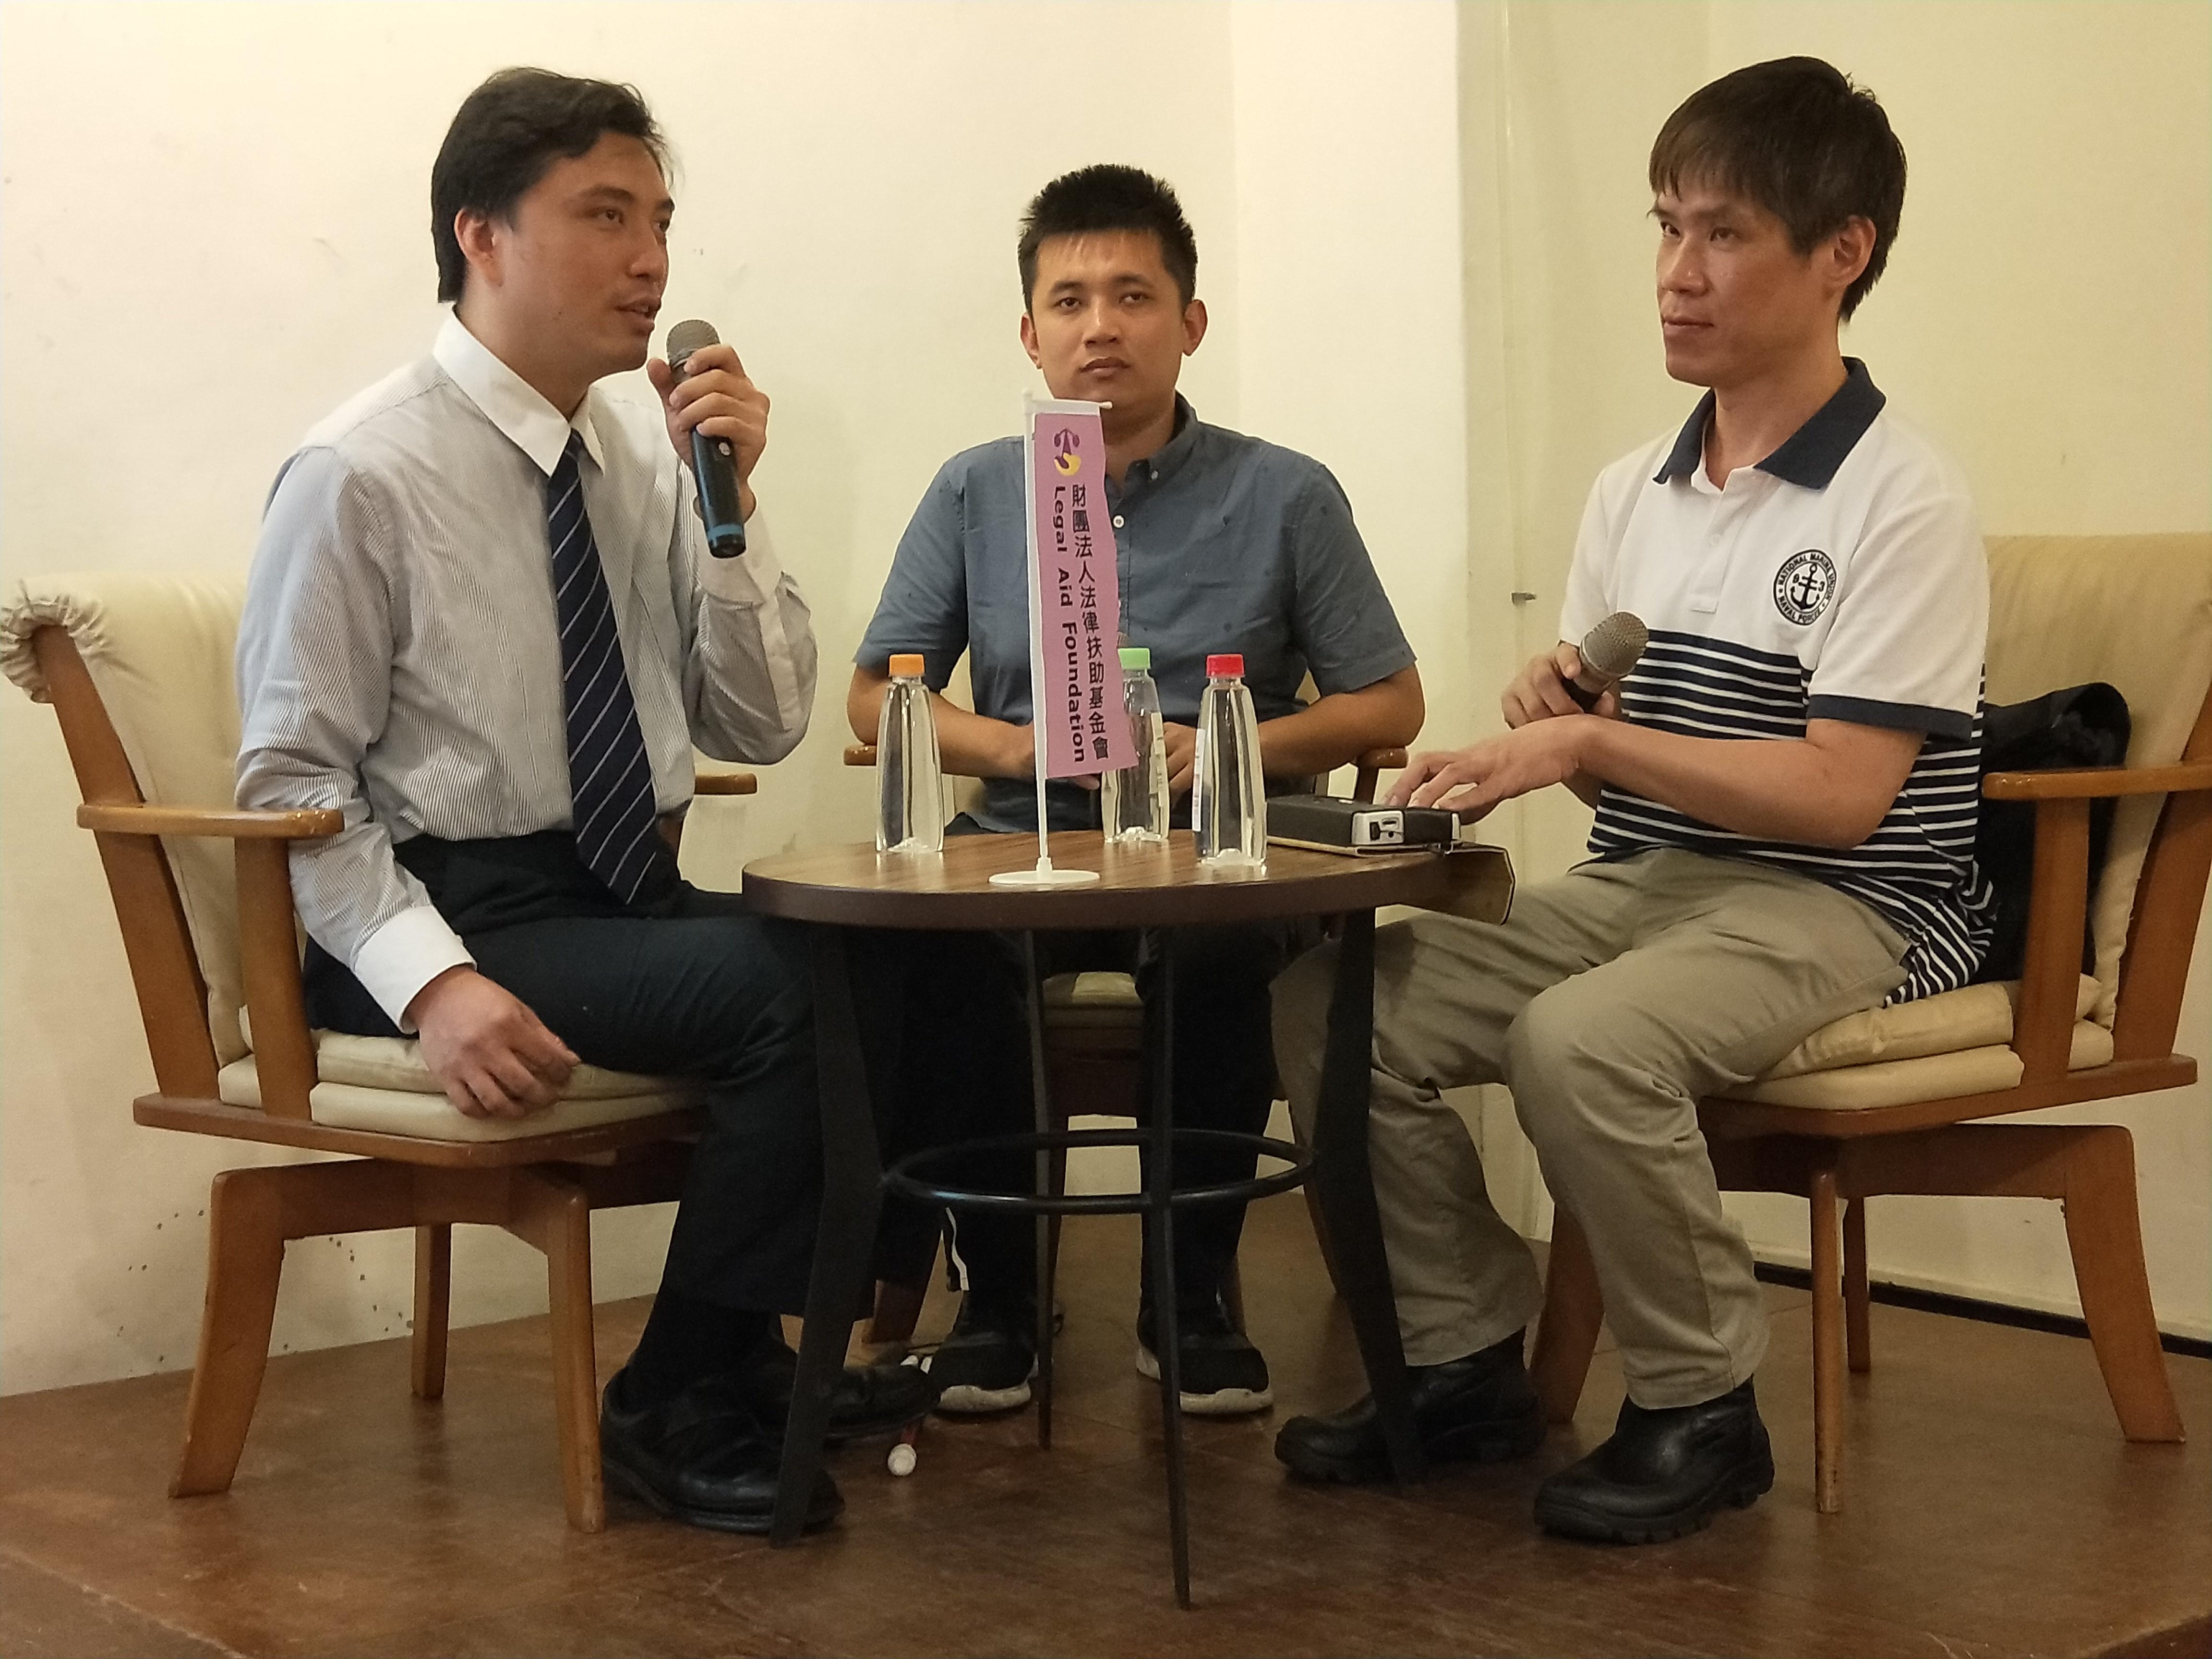 李秉宏(左)、金希、楊聖弘(右)三人參加法扶基金會舉辦的座談會。